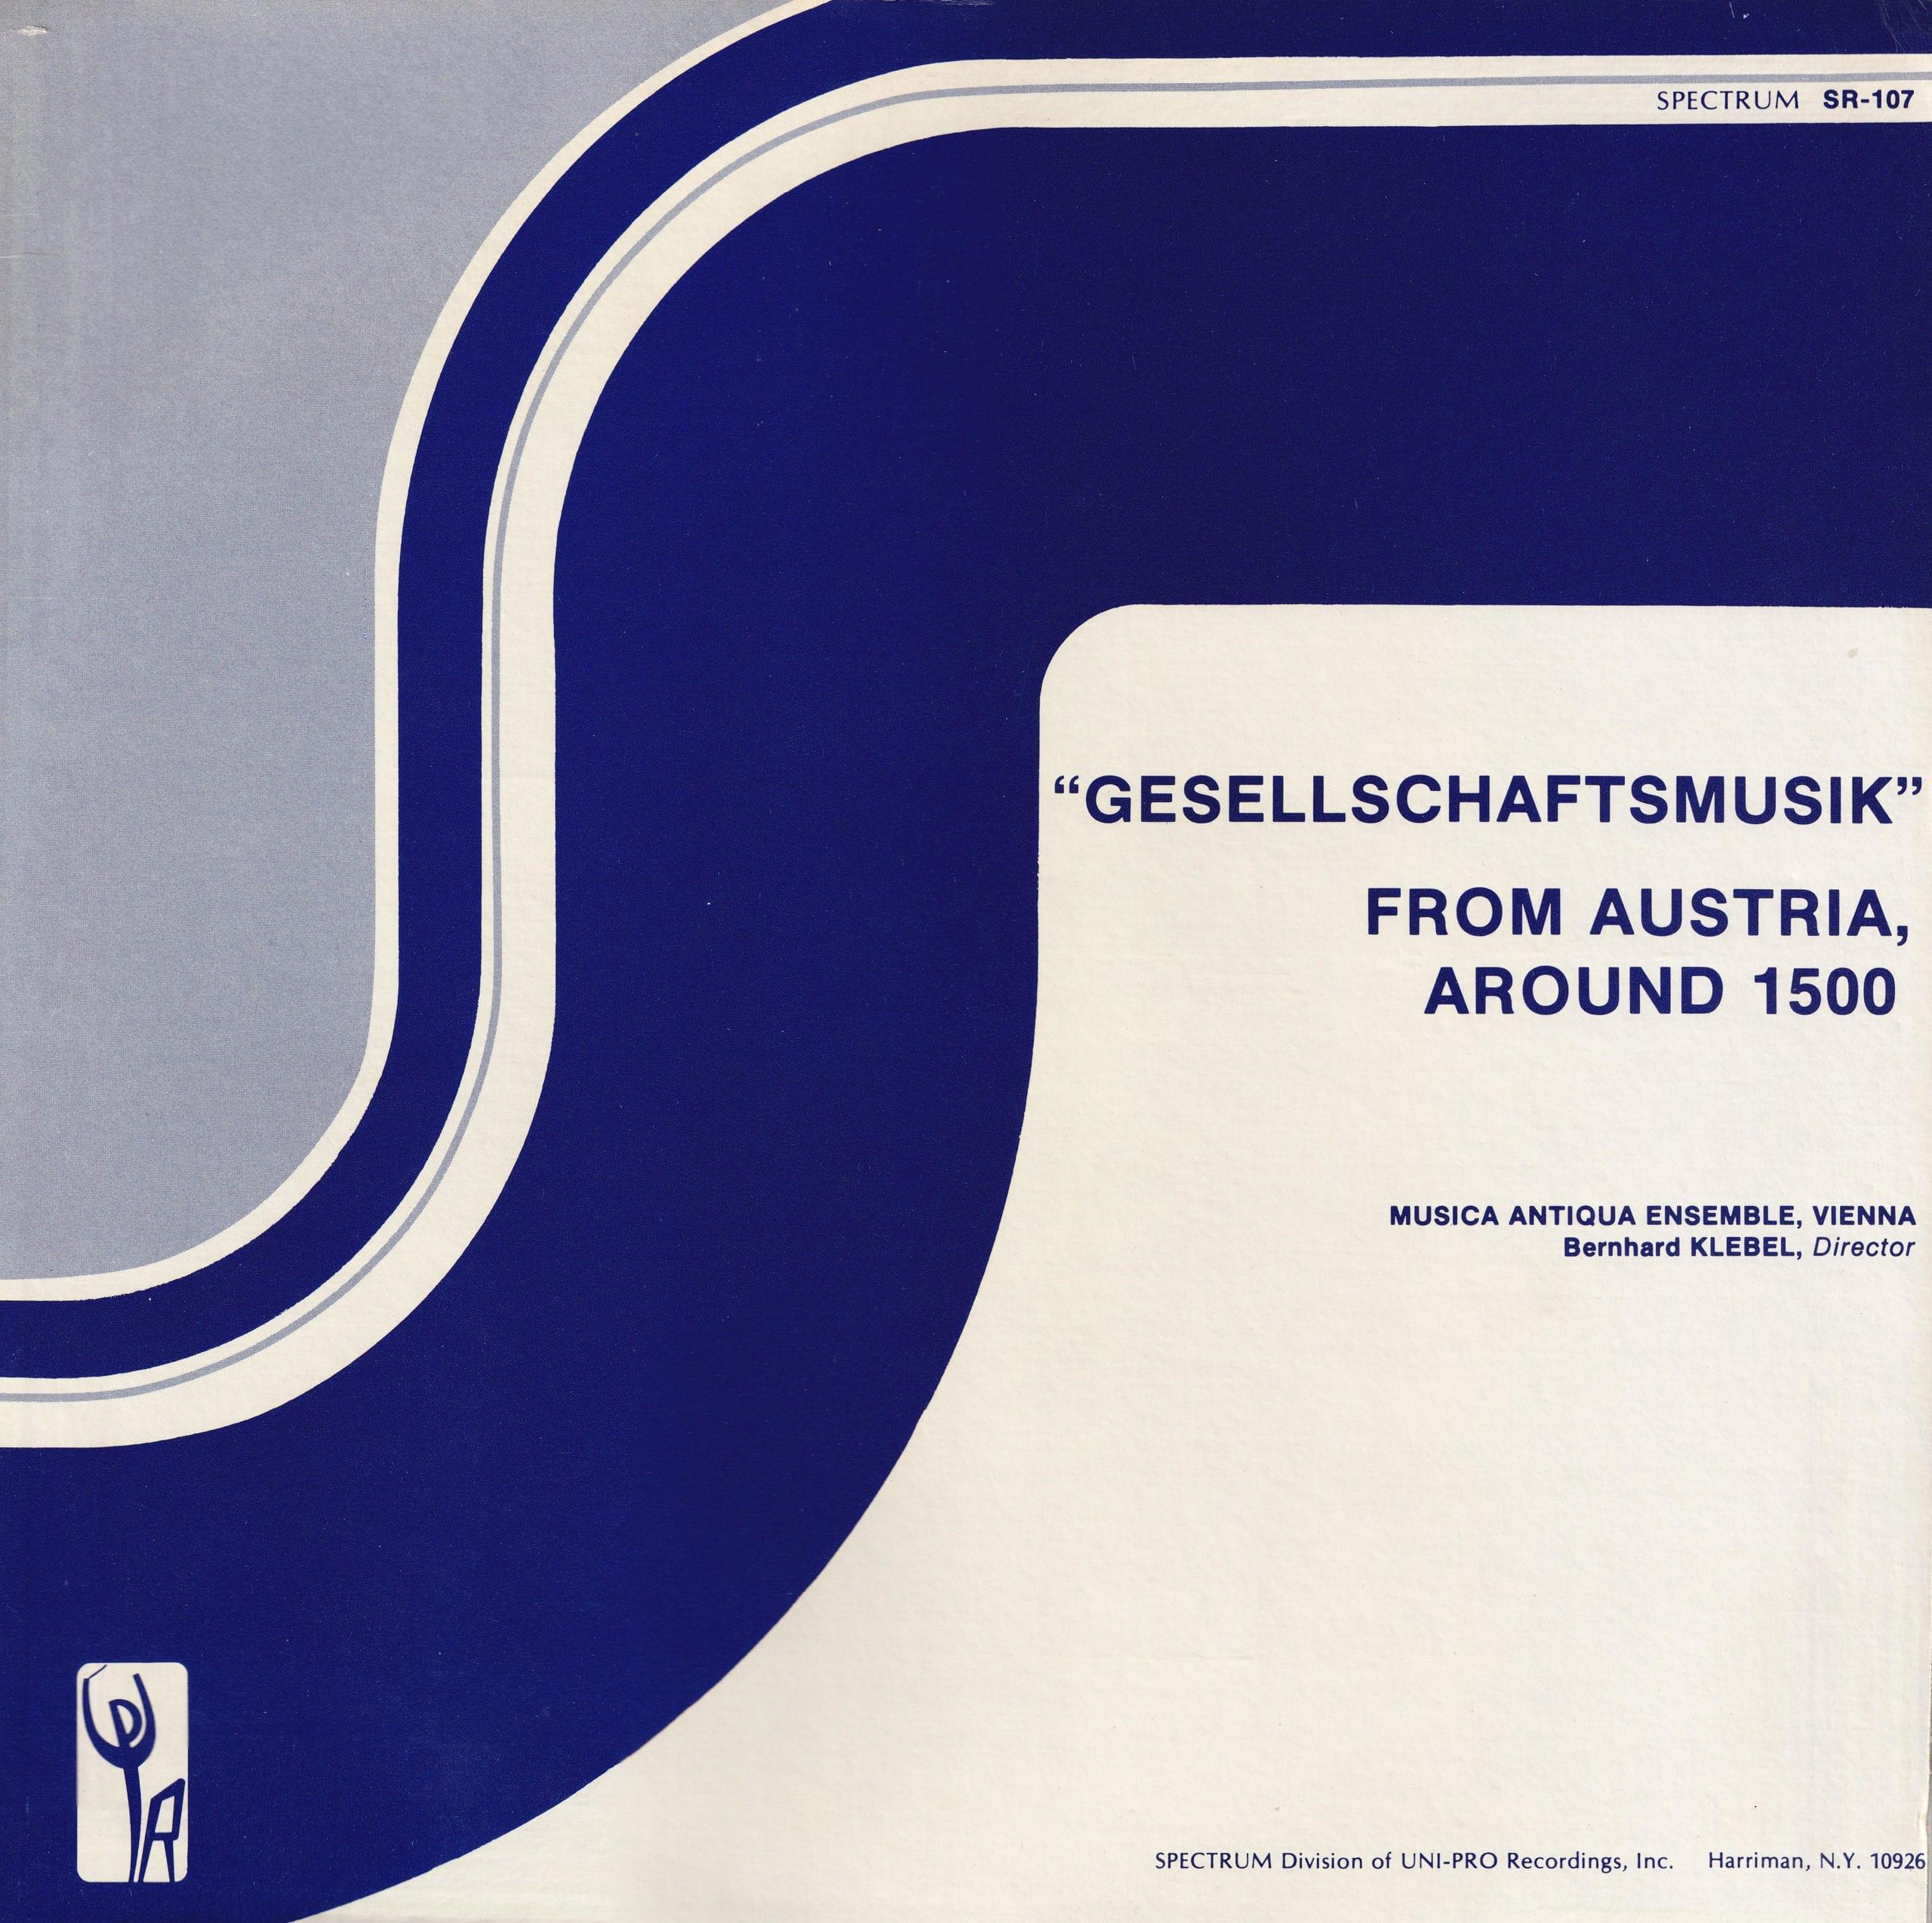 Gesellschaftsmusik from Austria around 1500 – 1